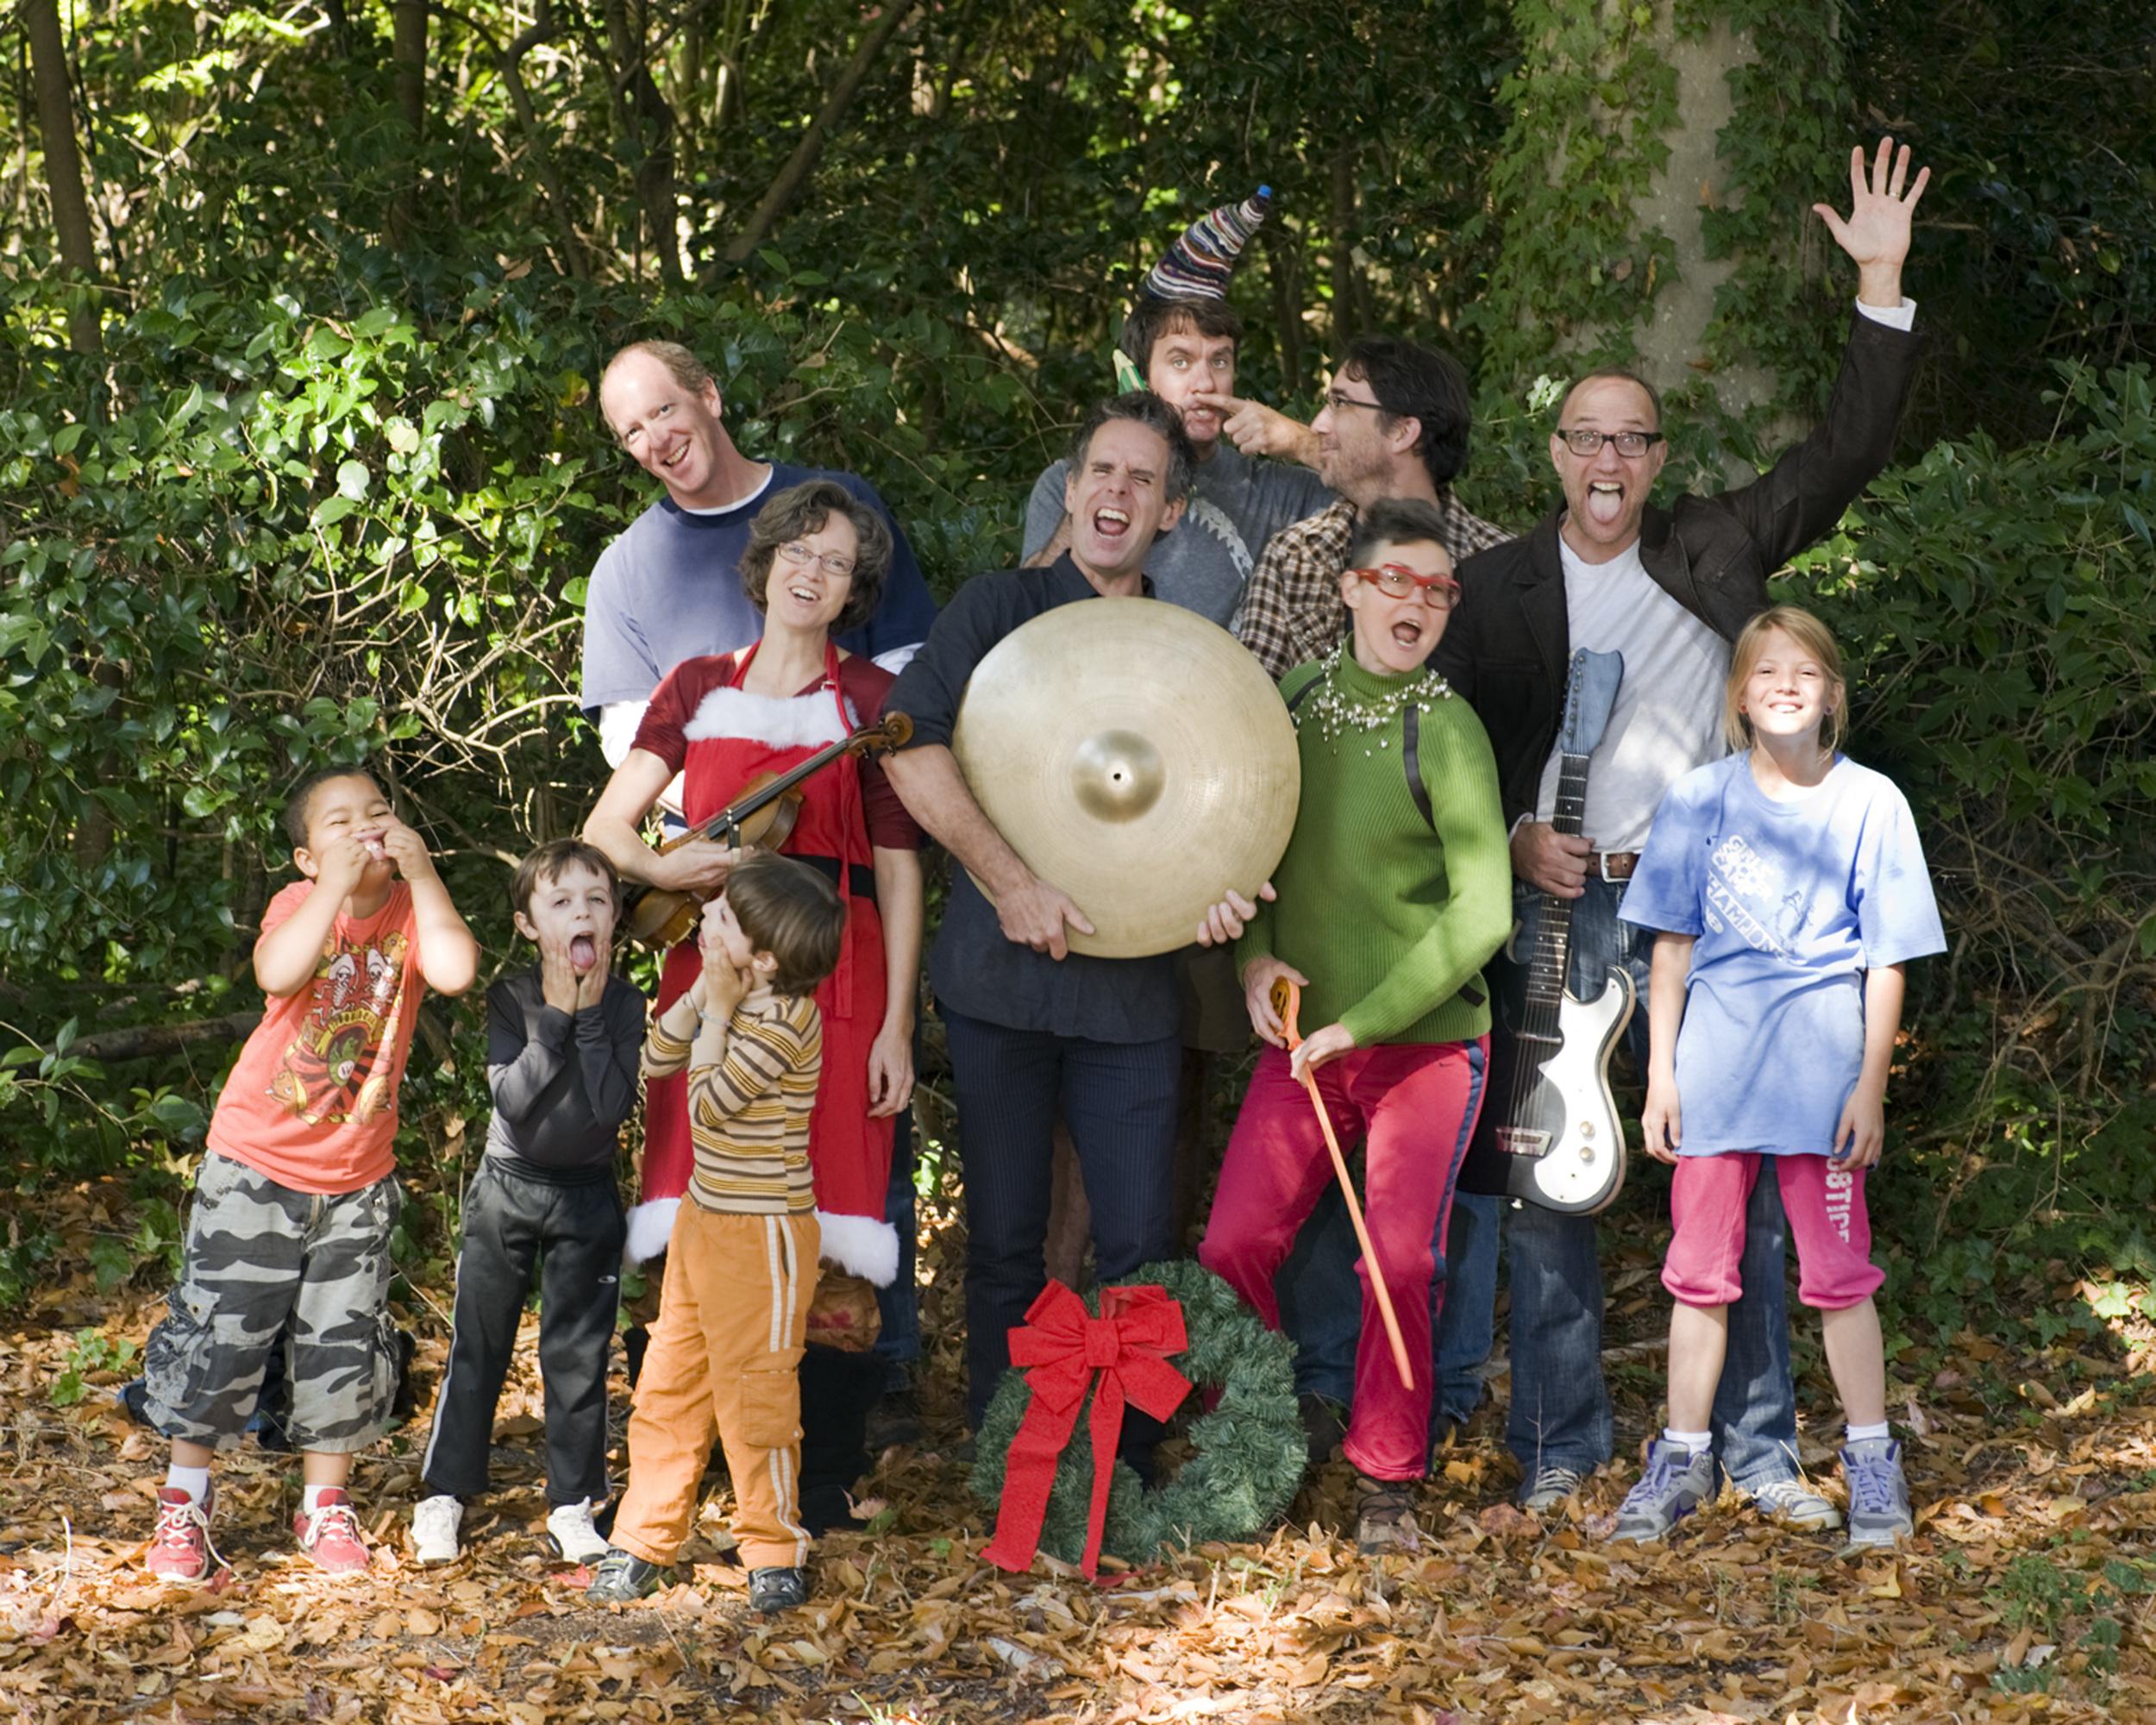 Plaza Family Band, 2013